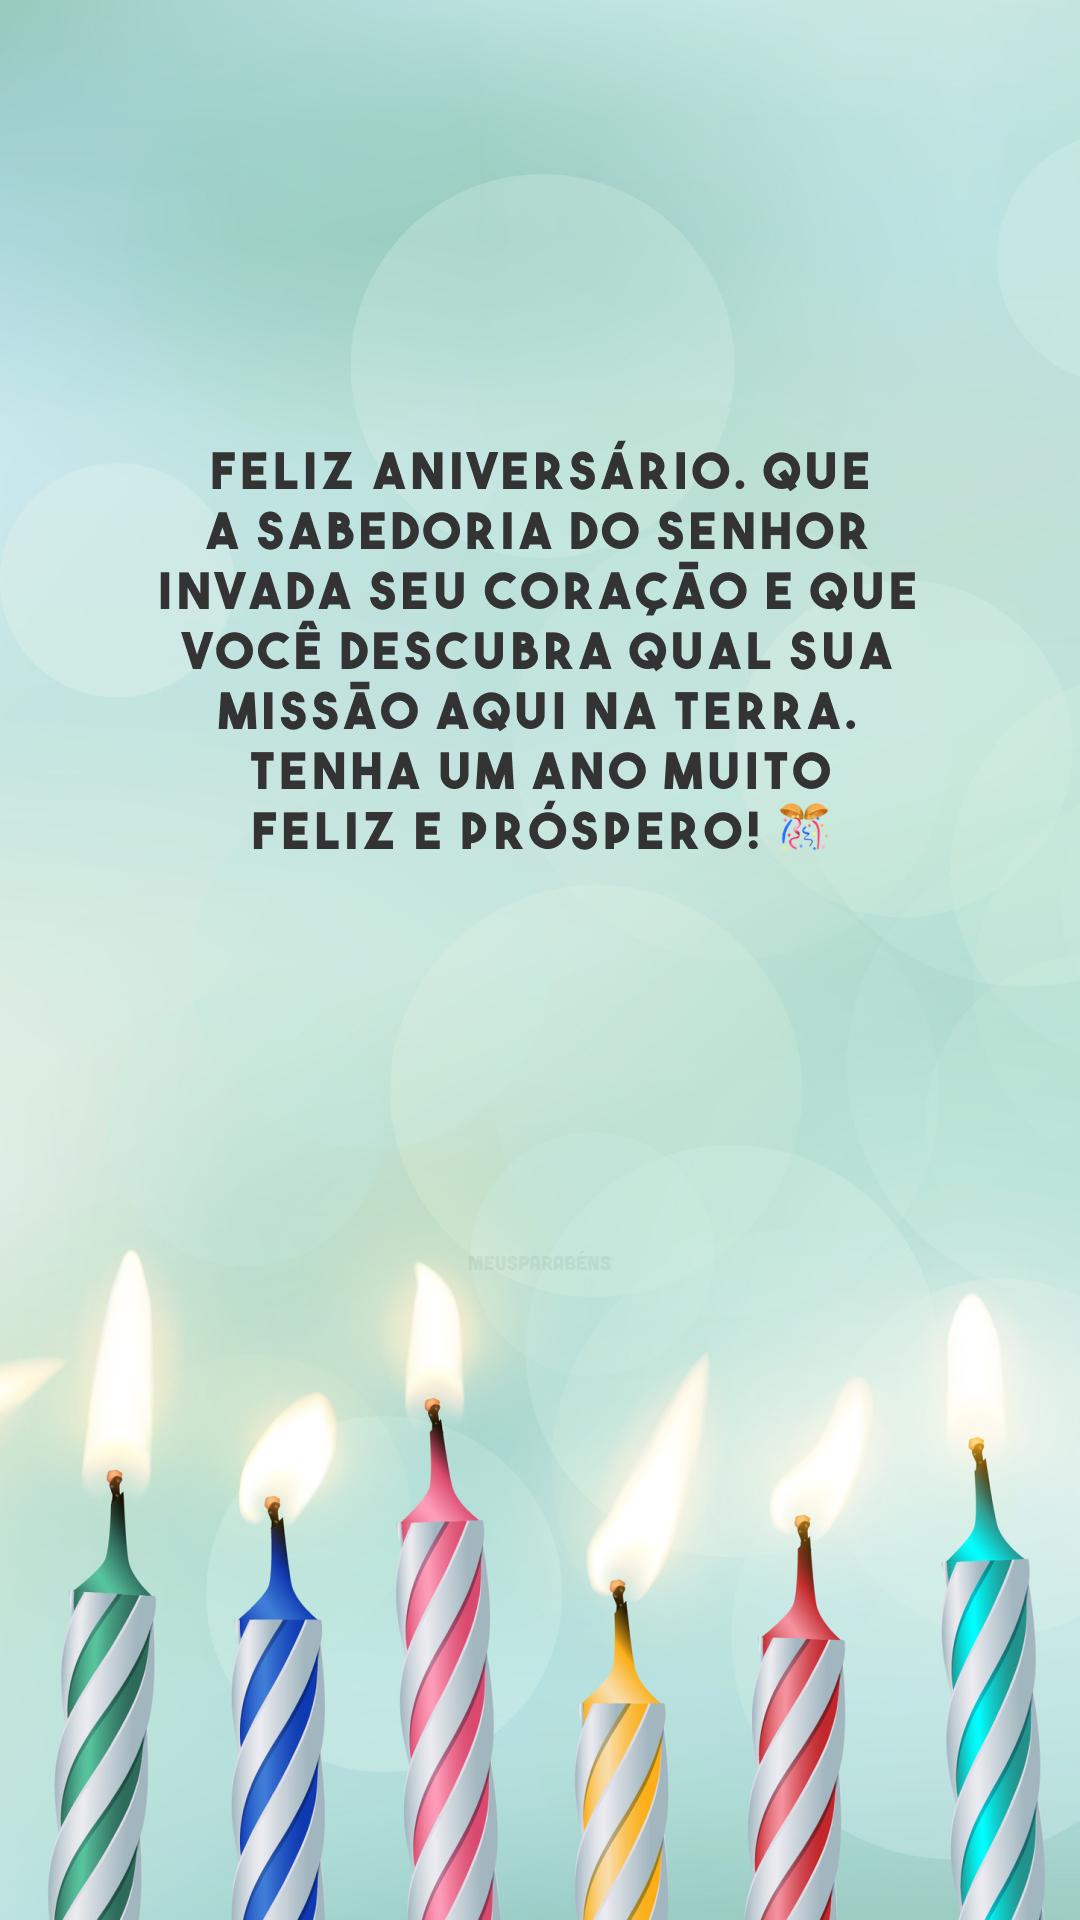 Feliz aniversário. Que a sabedoria do Senhor invada seu coração e que você descubra qual sua missão aqui na Terra. Tenha um ano muito feliz e próspero! 🎊